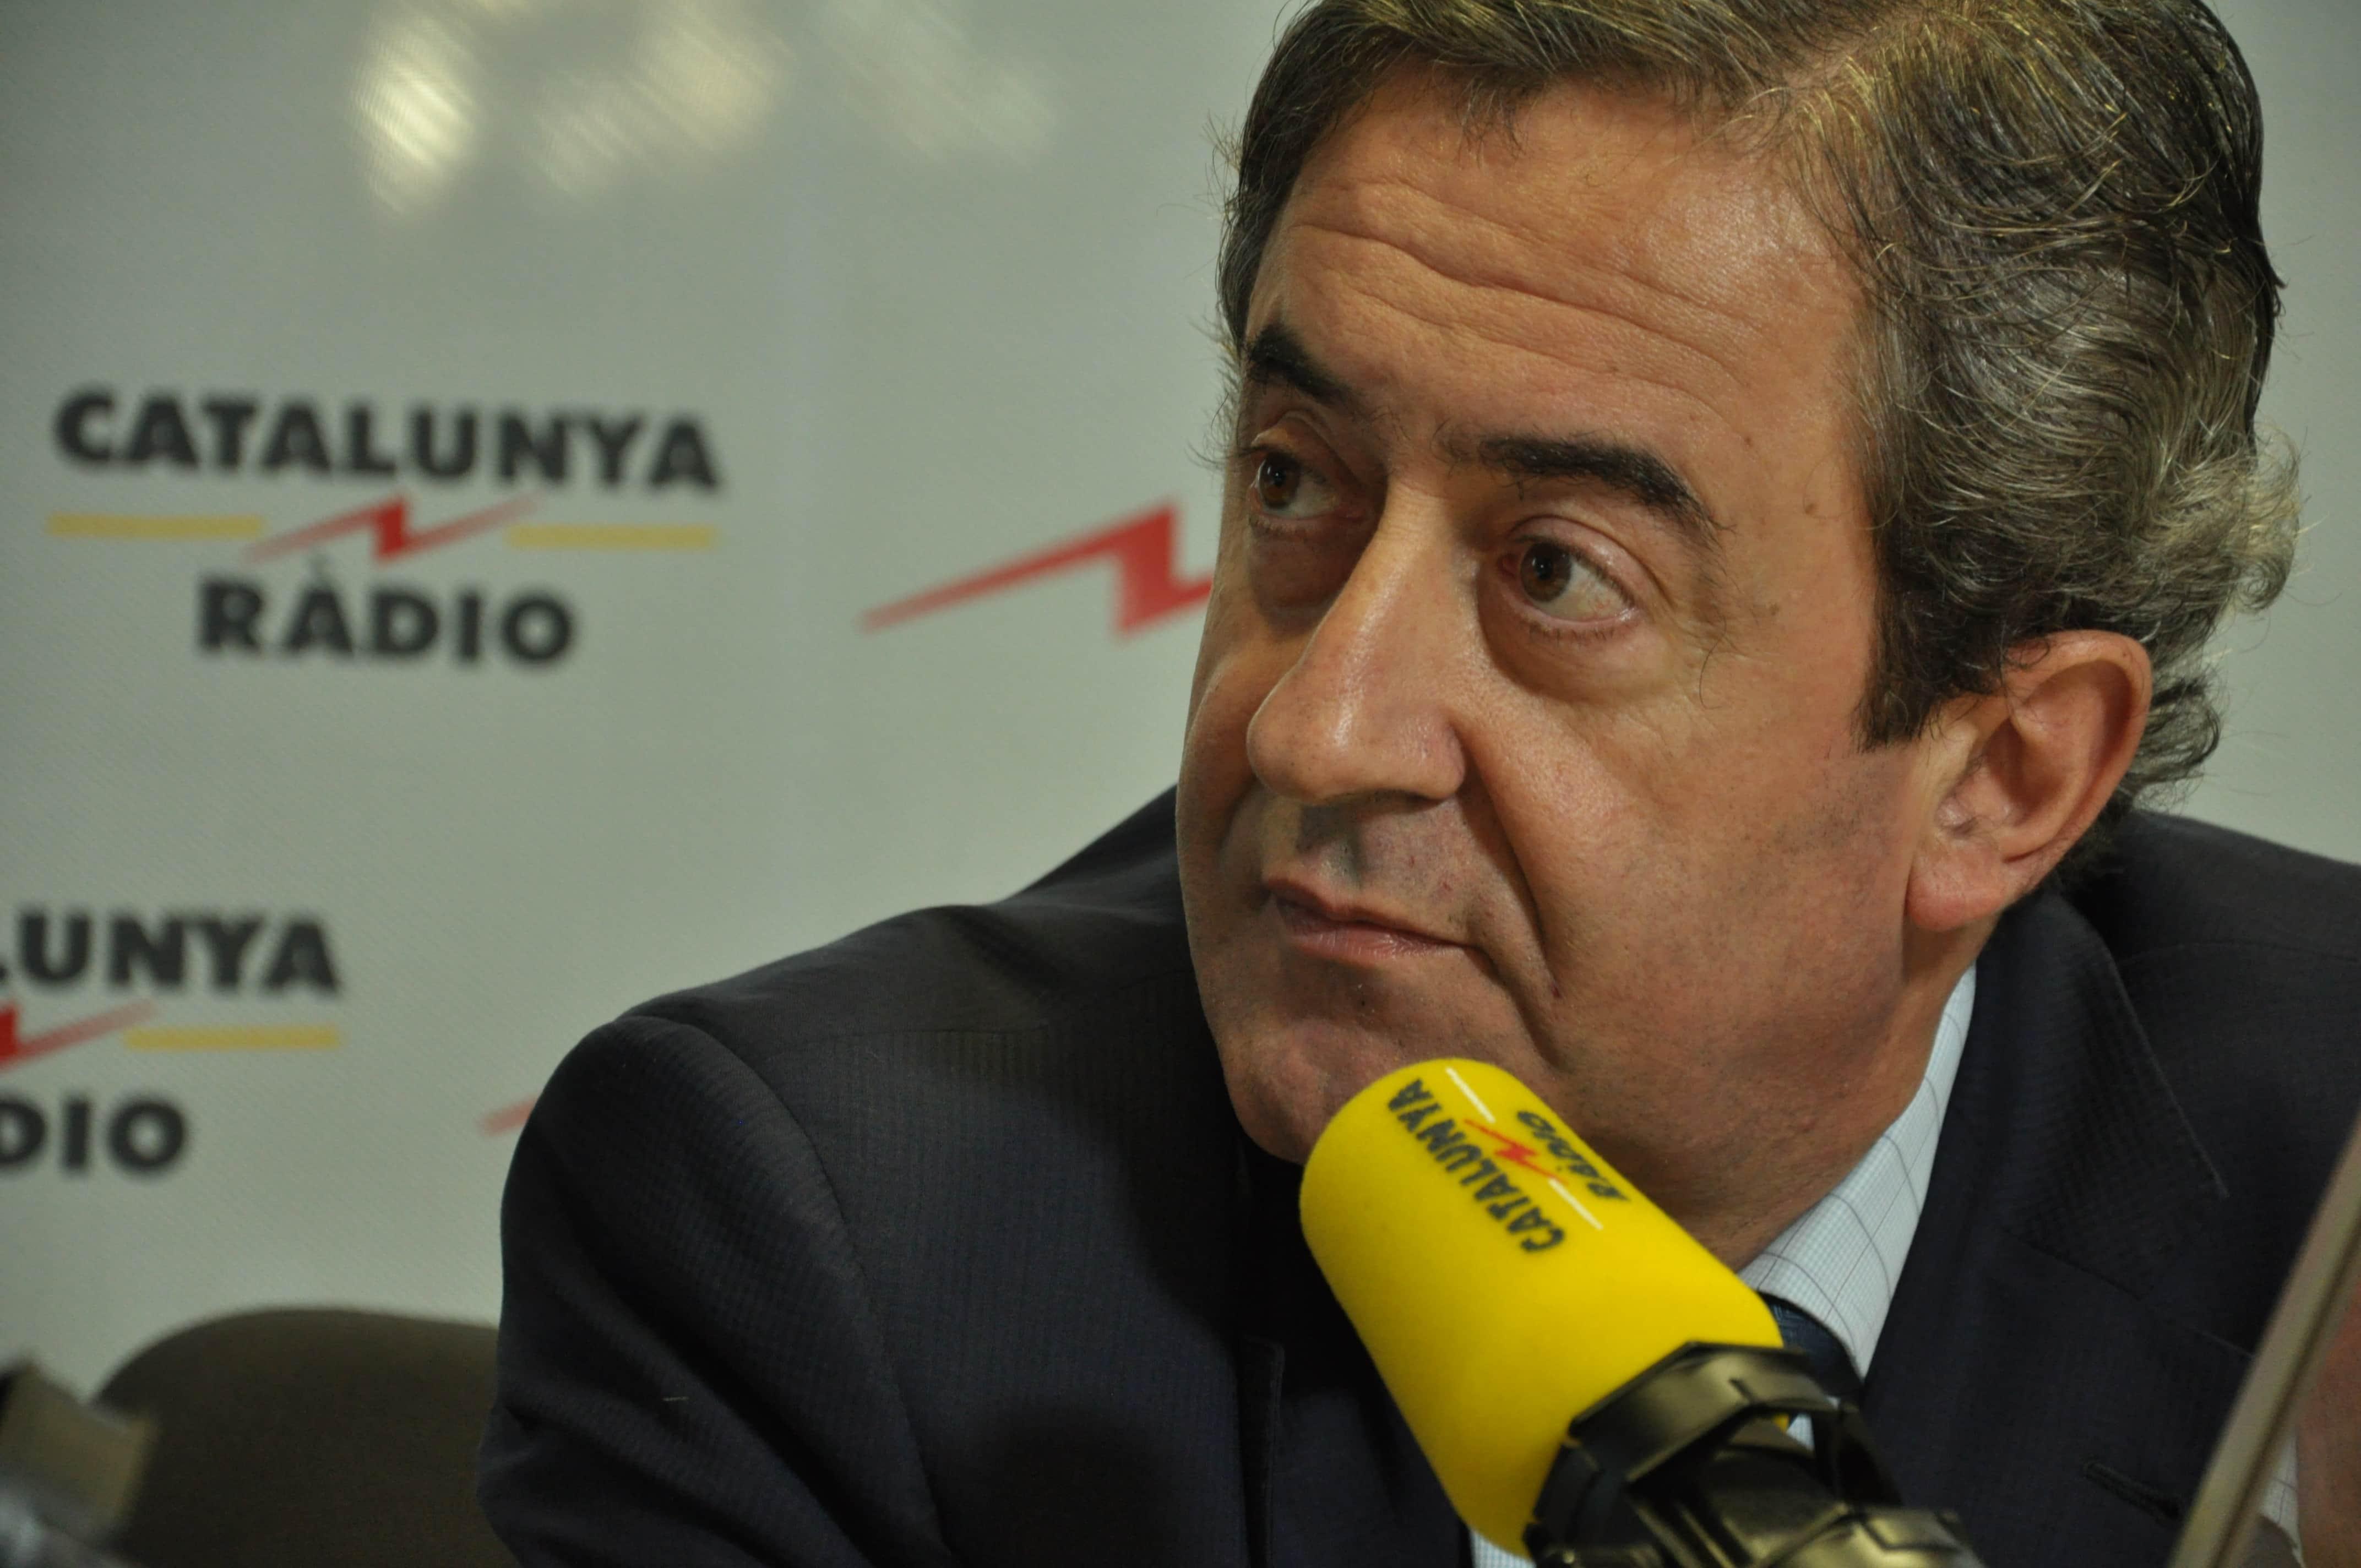 El fiscal jefe de la Audiencia Nacional, Javier Zaragoza. I La Marea